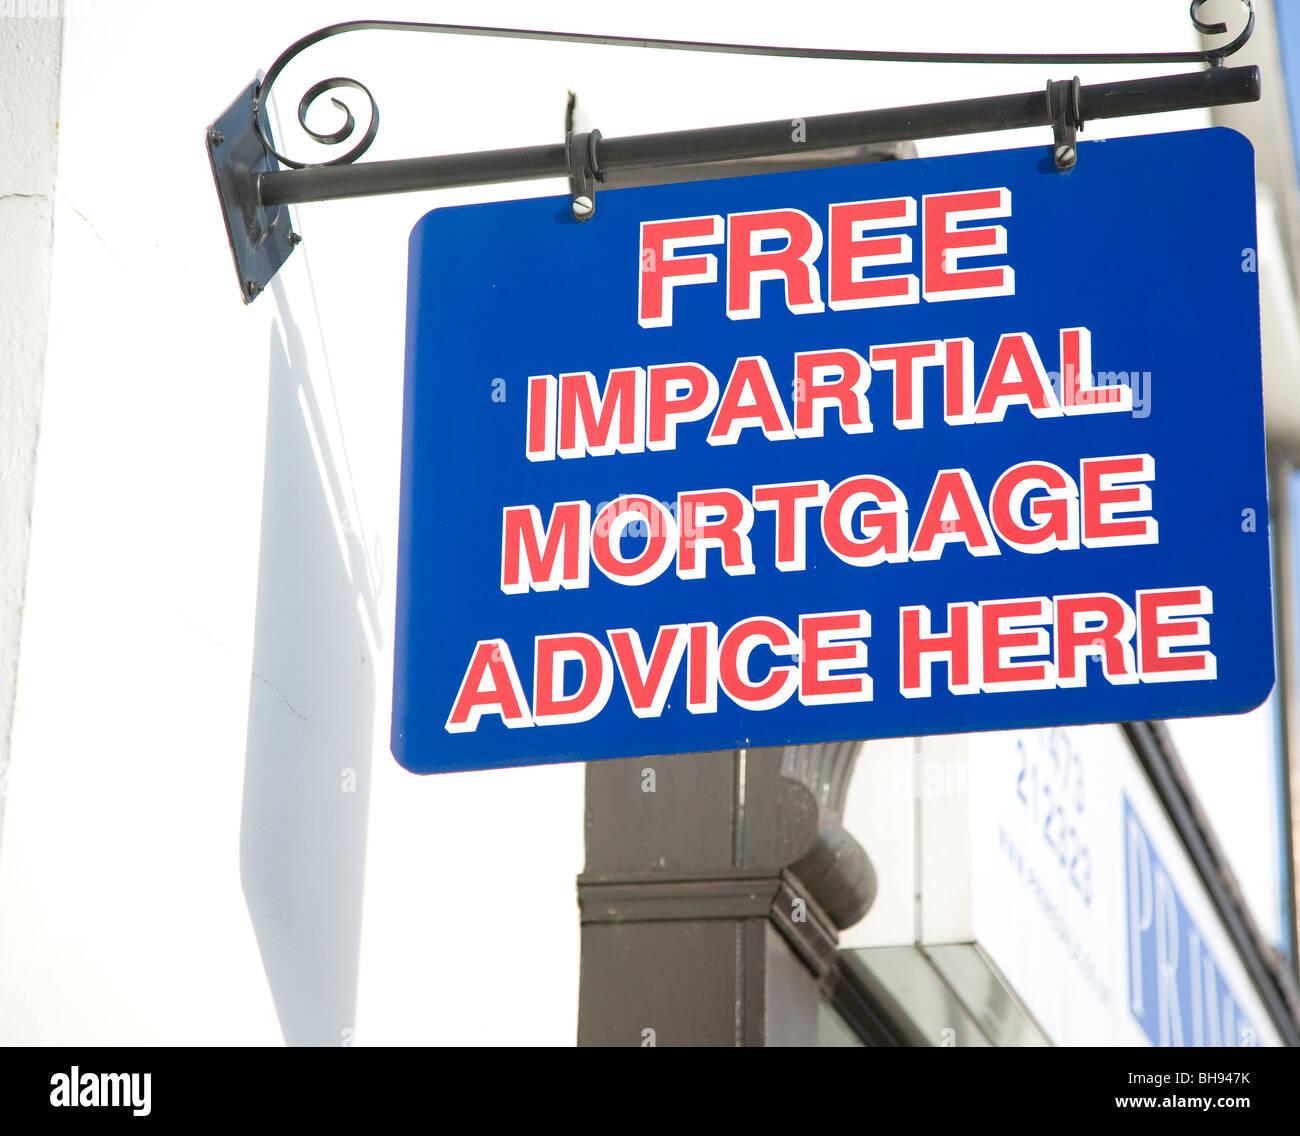 Inscrivez-vous gratuitement la publicité des conseils hypothécaires impartial ici Photo Stock